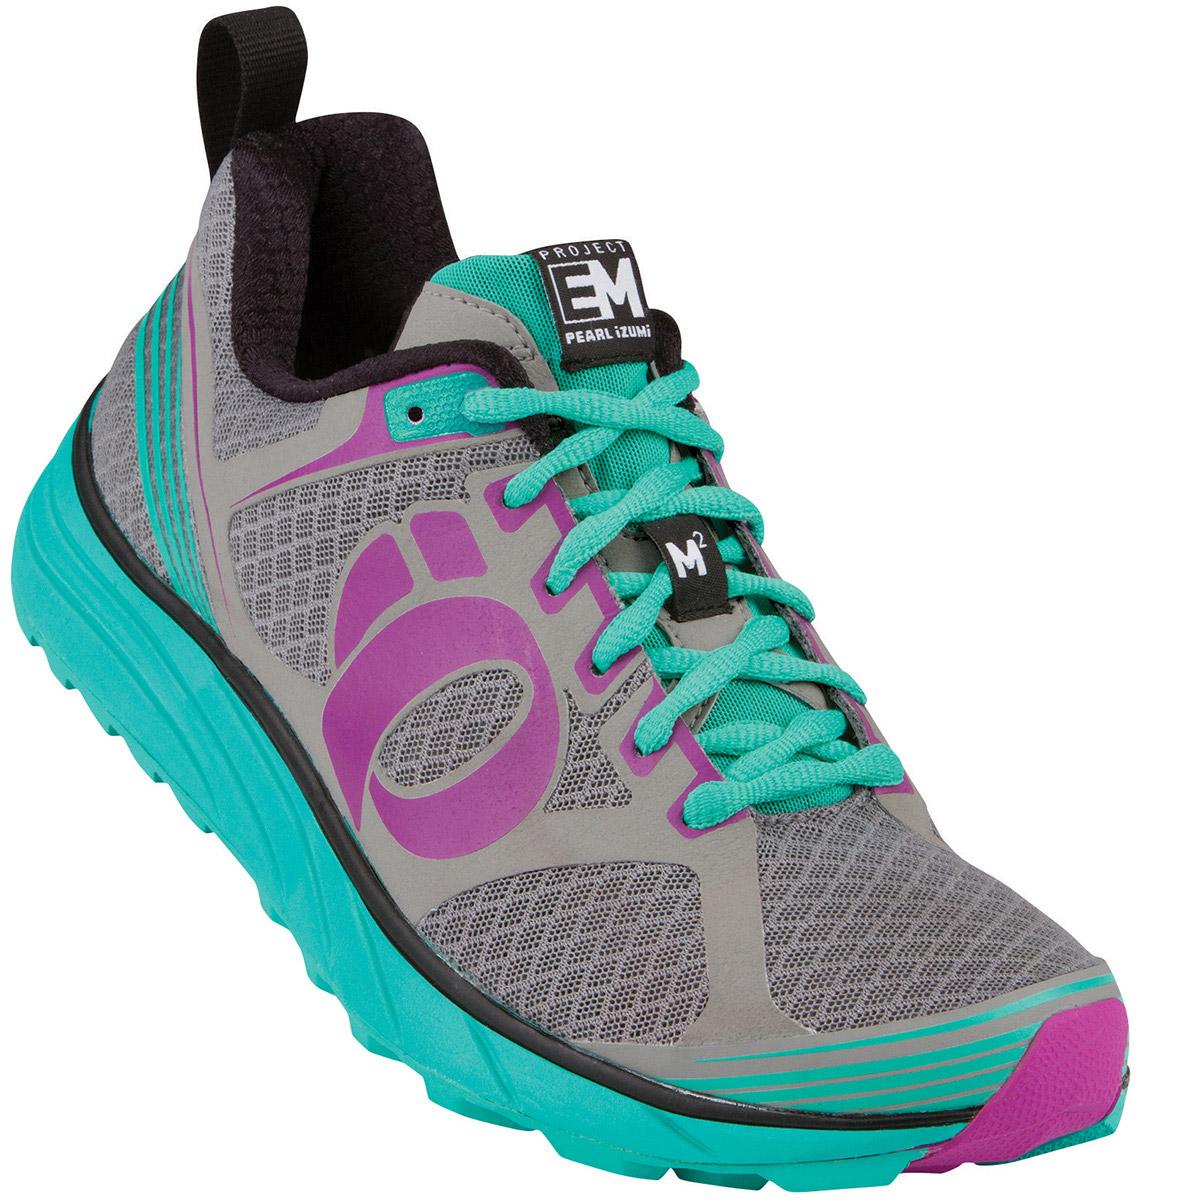 EM Trail M2 Trail Running Shoes